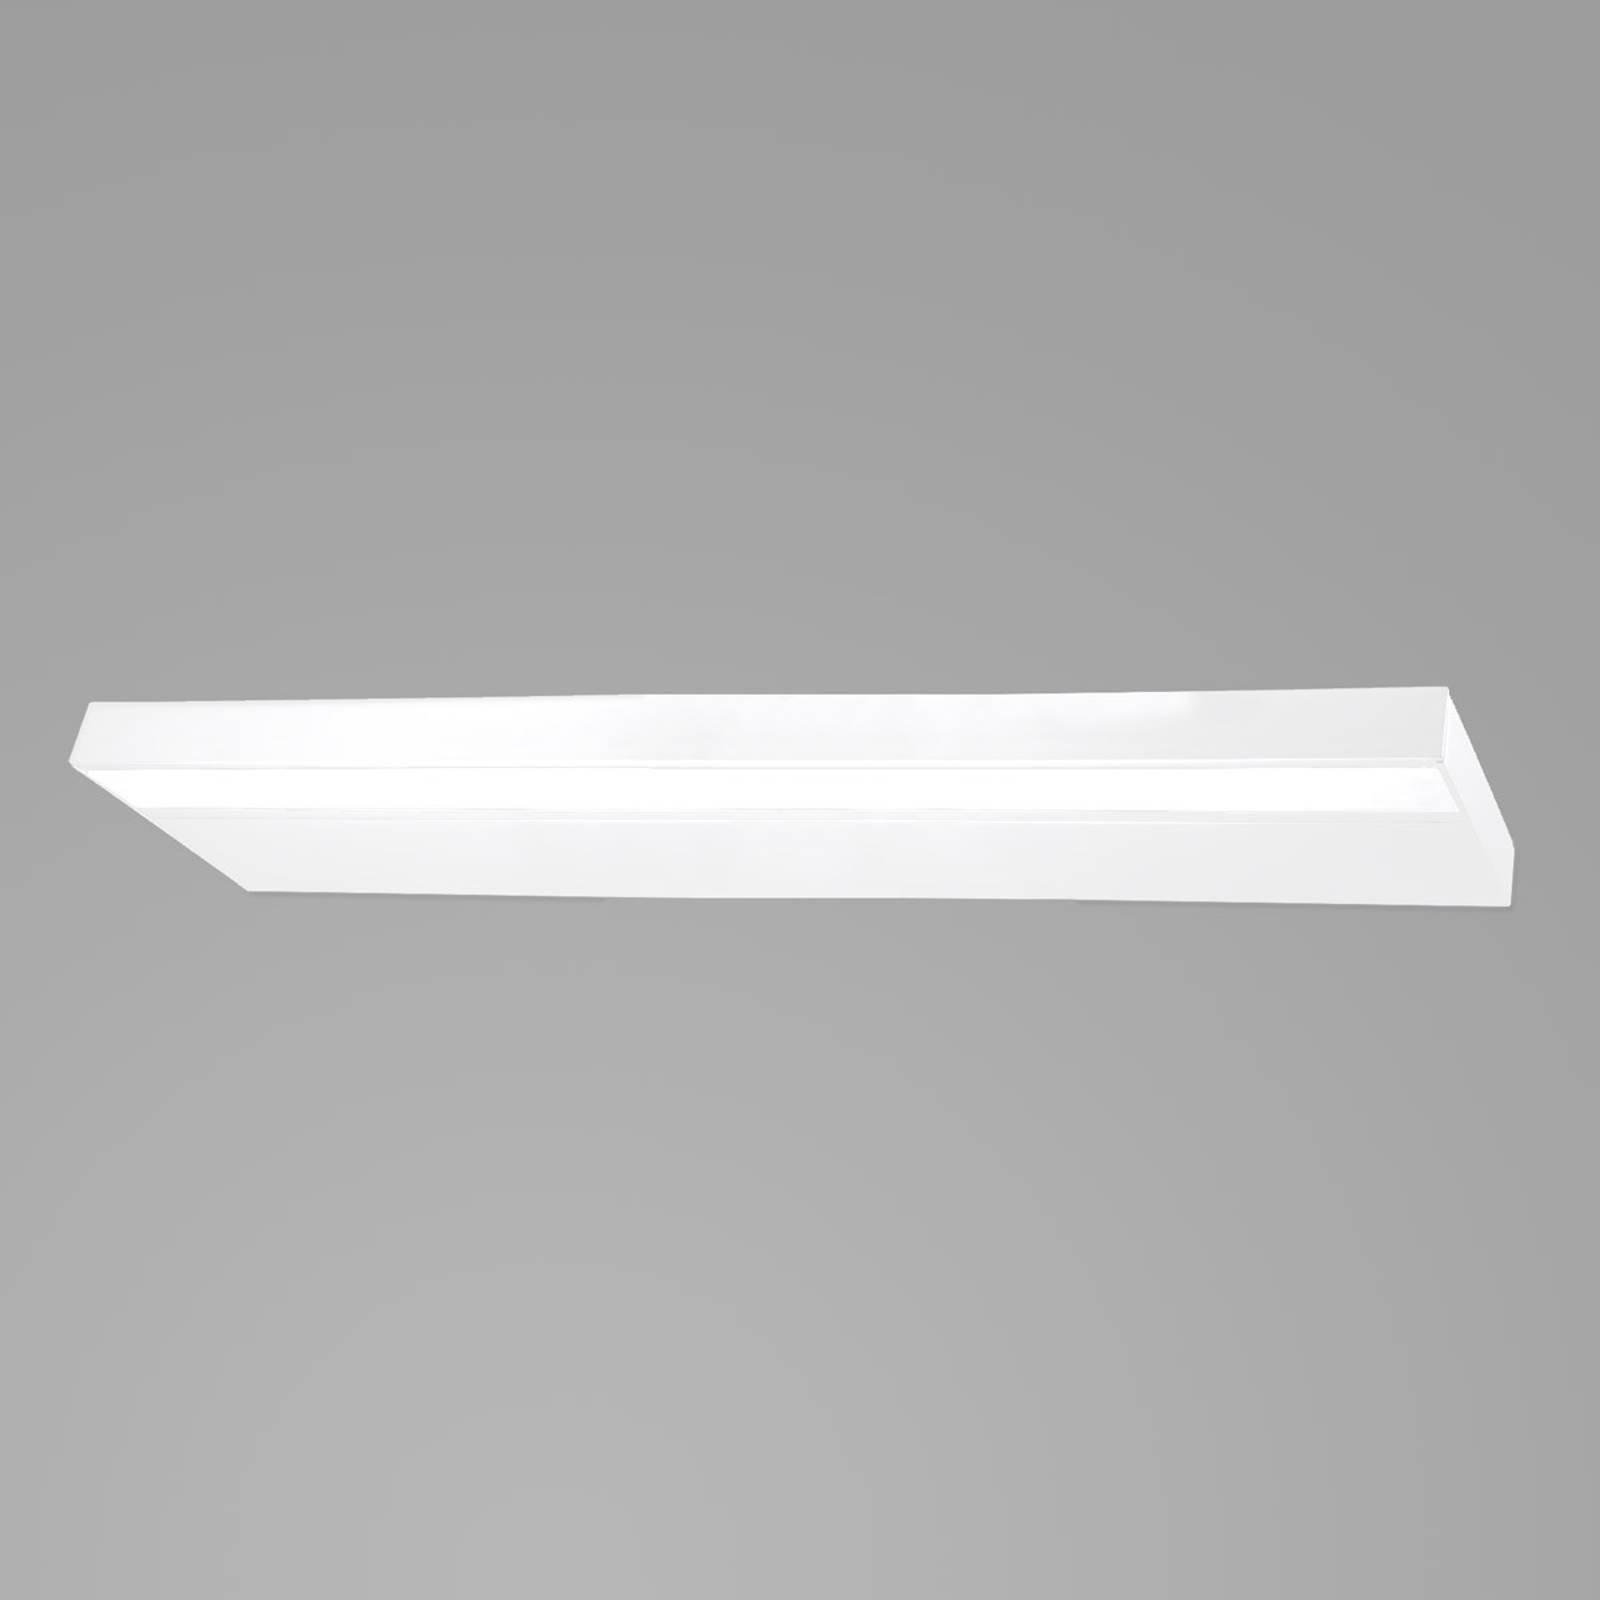 Moderne LED-vegglampe til bad Prim IP20 120cm hvit